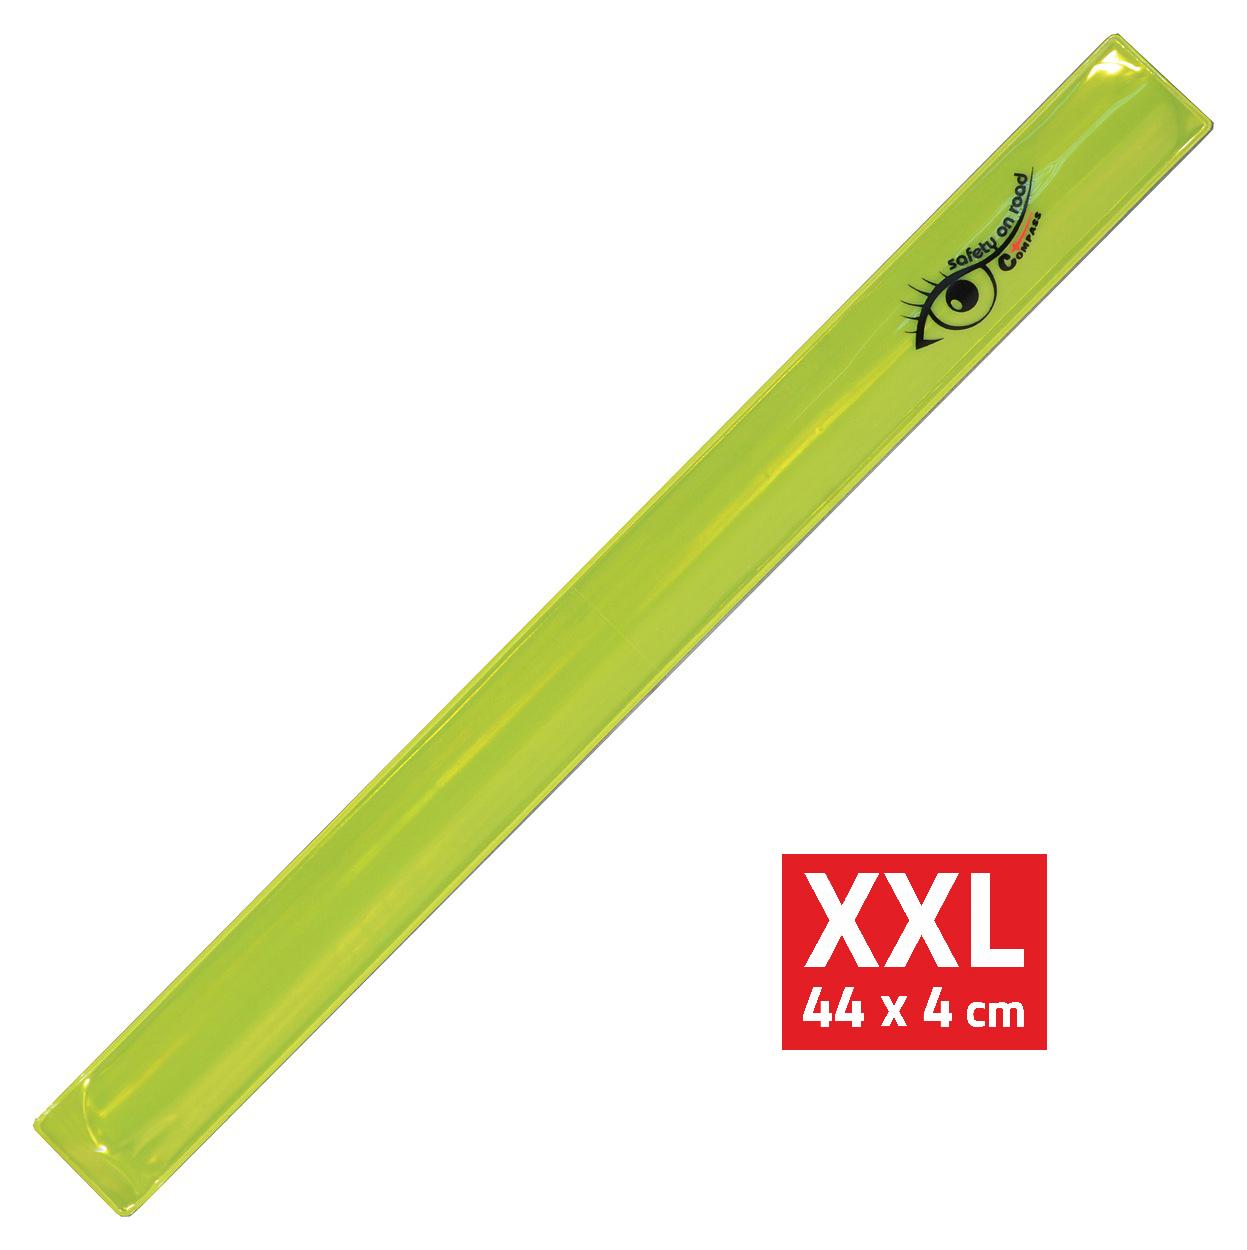 Pásek reflexní ROLLER XXL 4x44cm S.O.R. žlutý